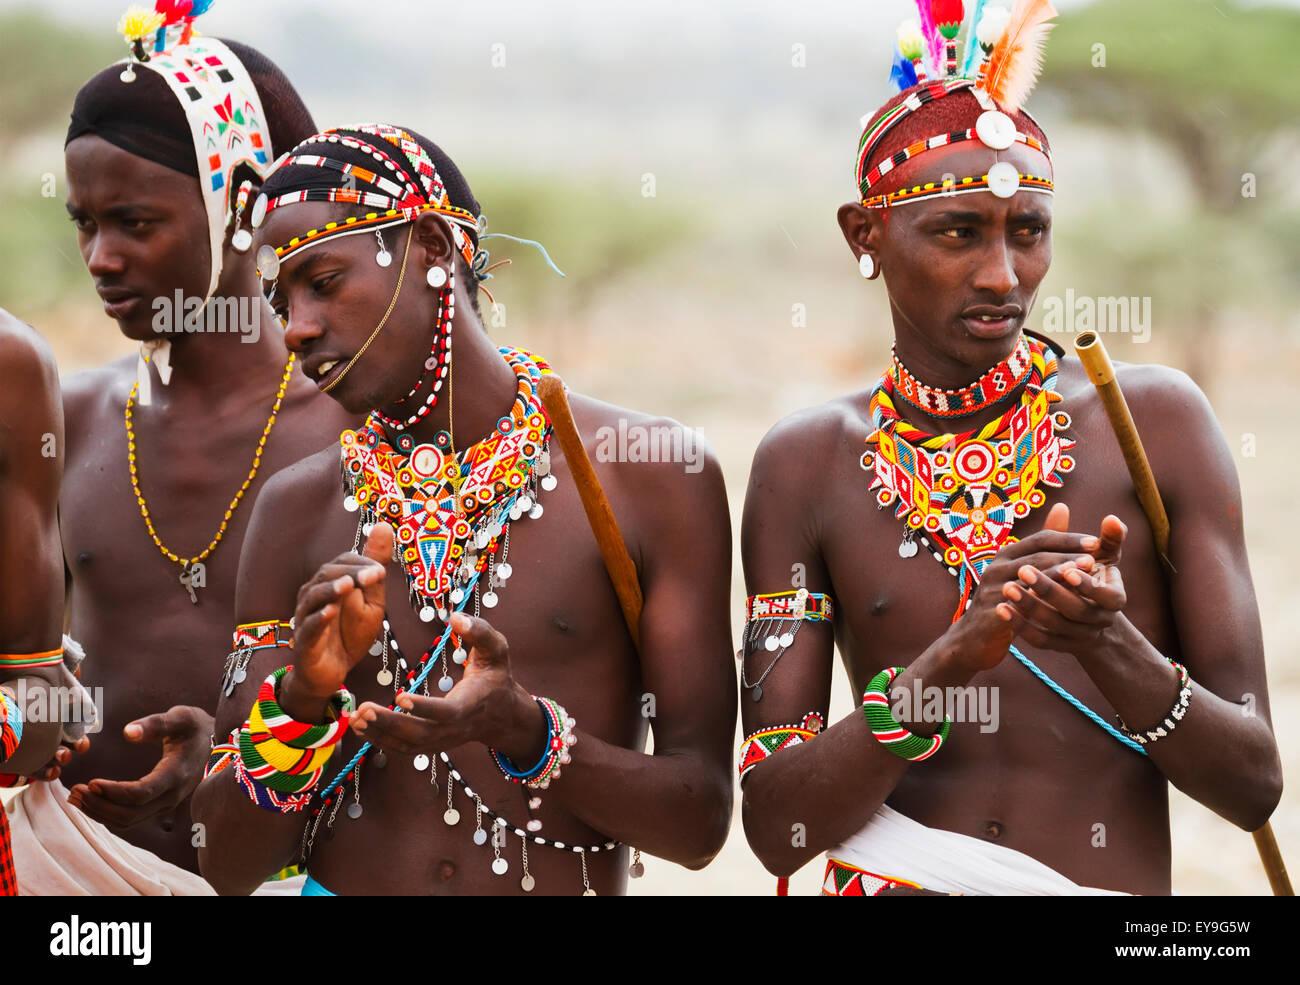 Samburu men singing and dancing, Samburu County; Kenya - Stock Image